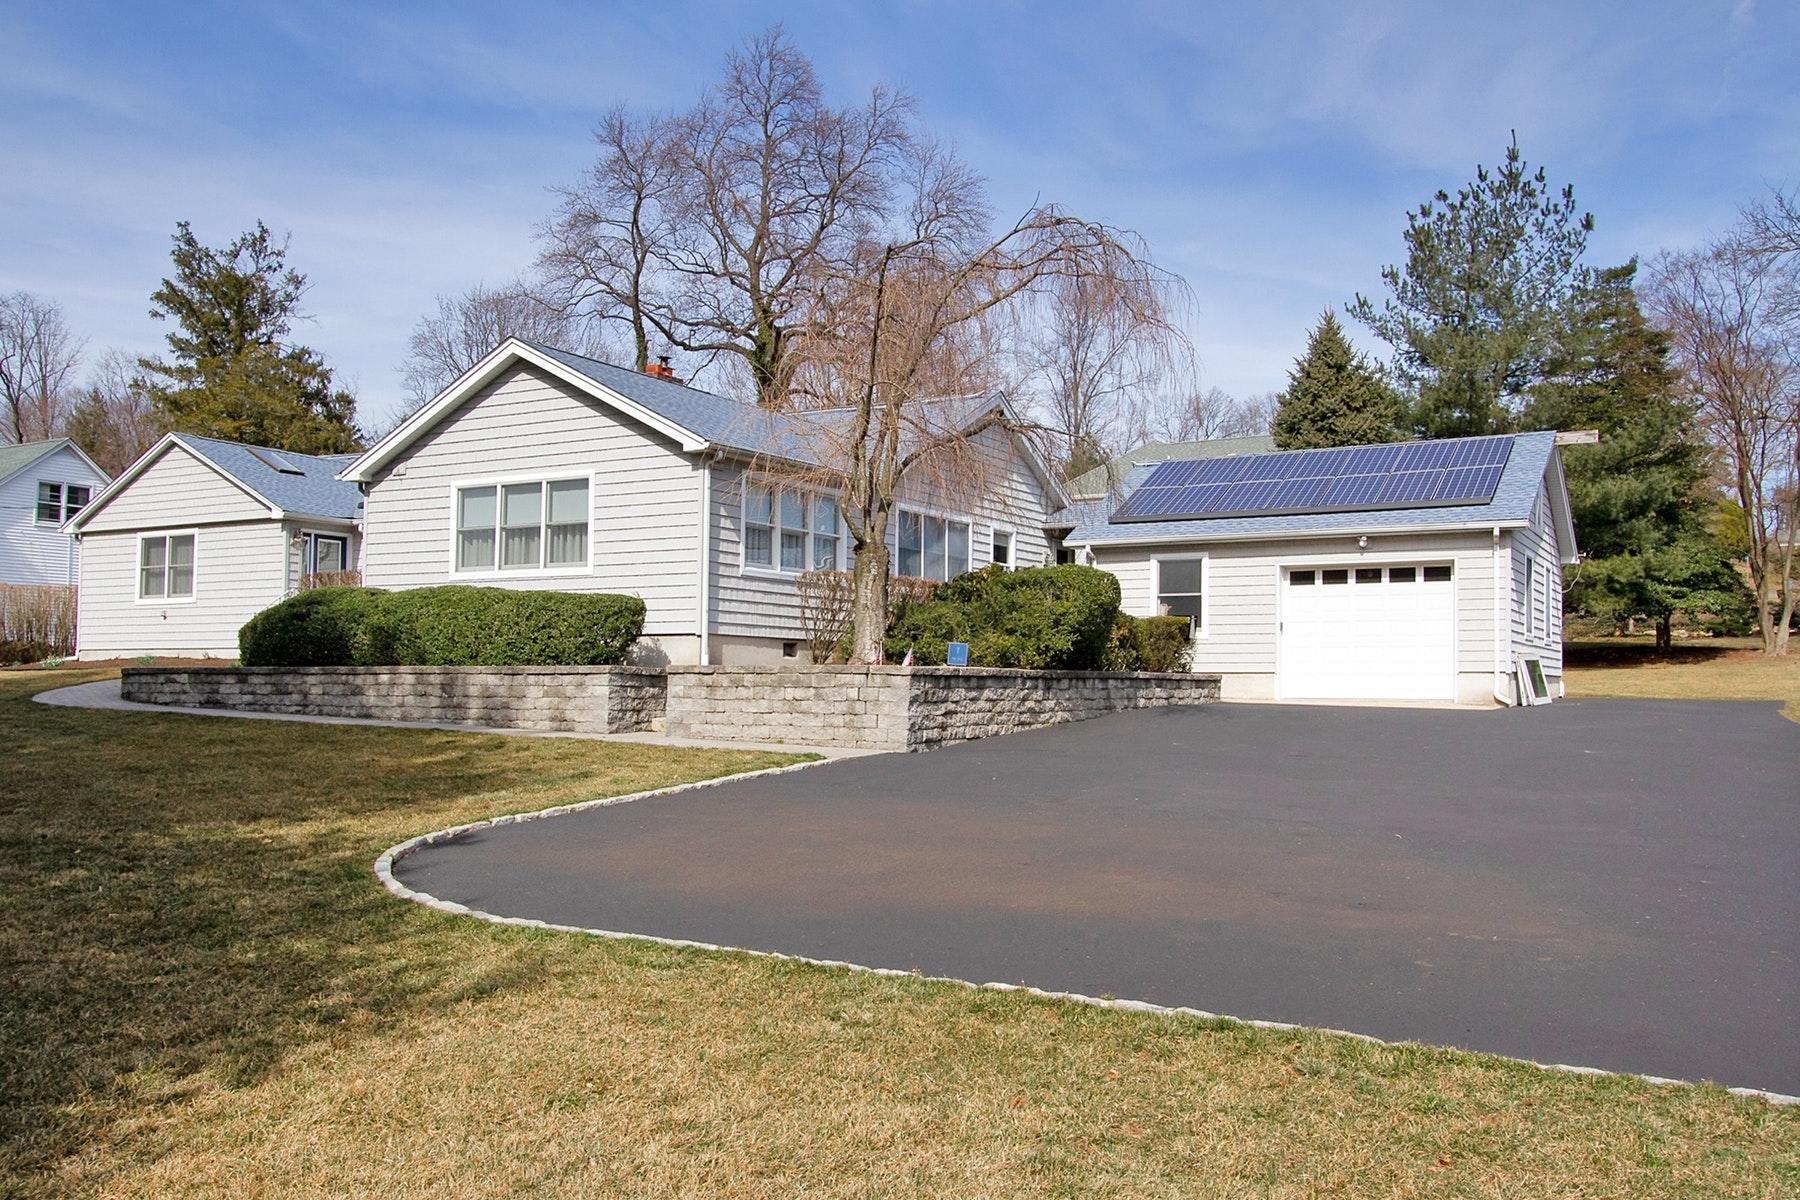 Частный односемейный дом для того Продажа на 7 Fox Hill Drive Little Silver, Нью-Джерси 07739 Соединенные Штаты